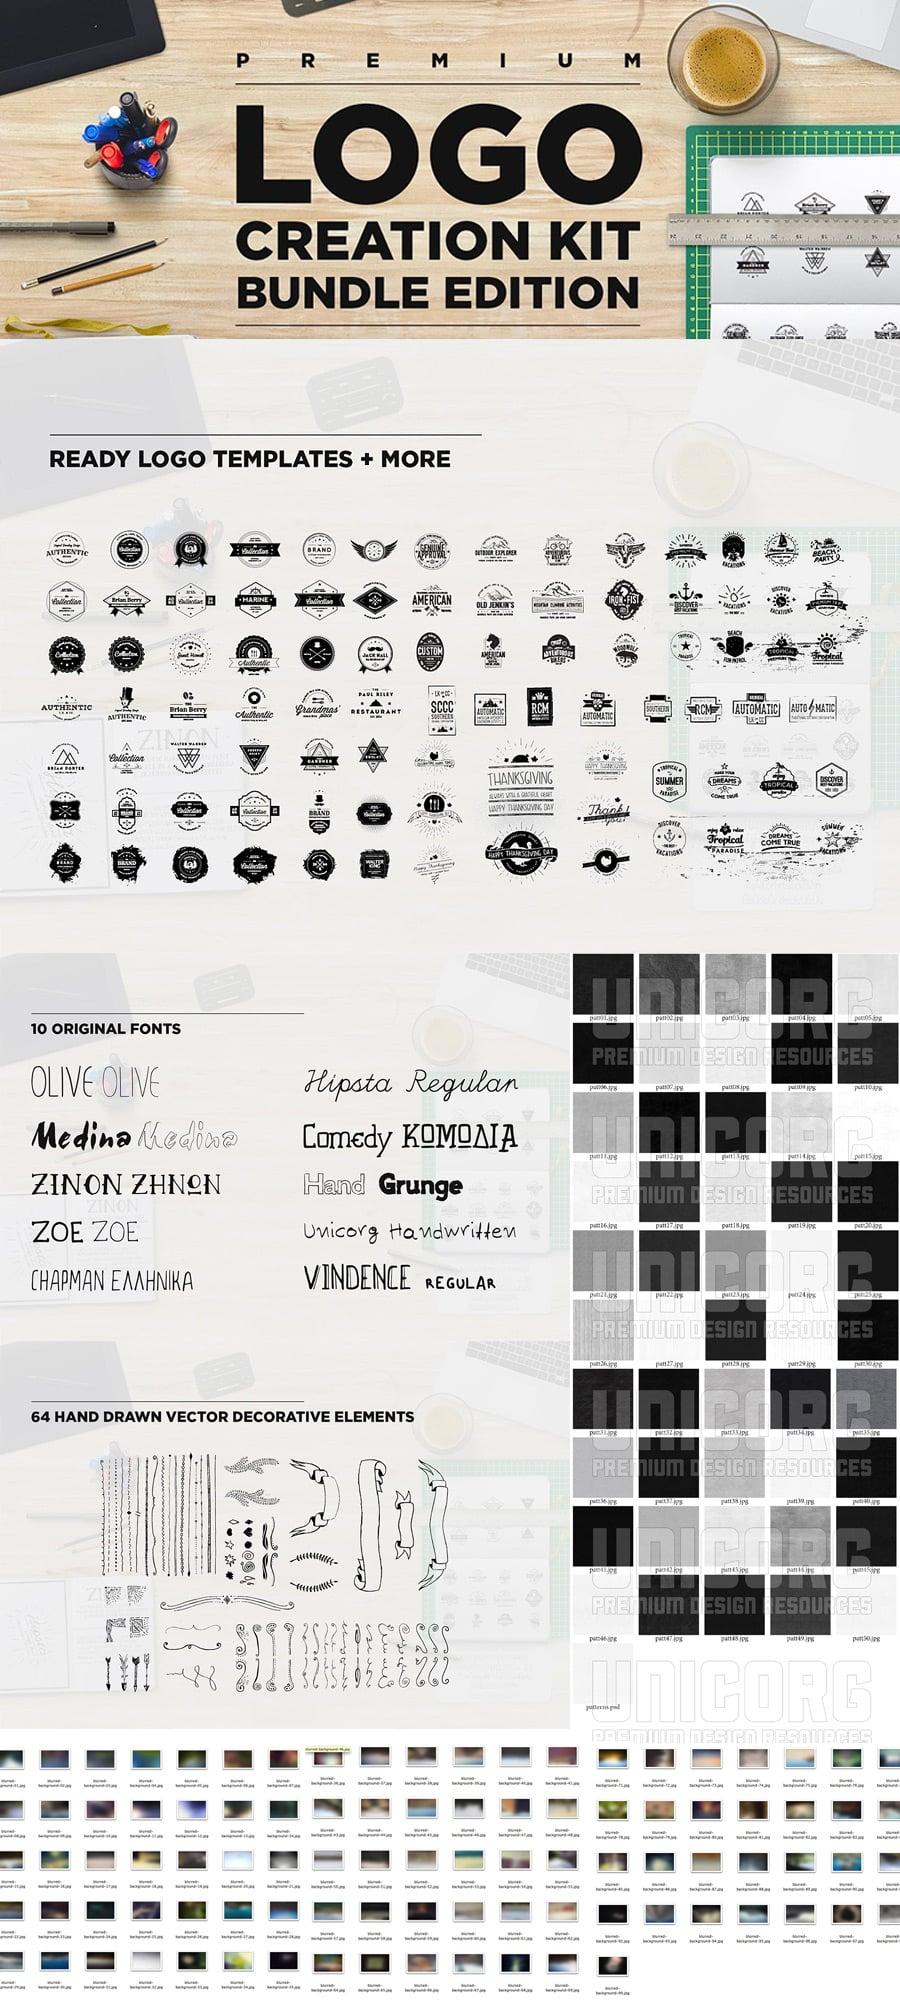 Logo Creation Kit Bundle - $19 - logokit bundle 4